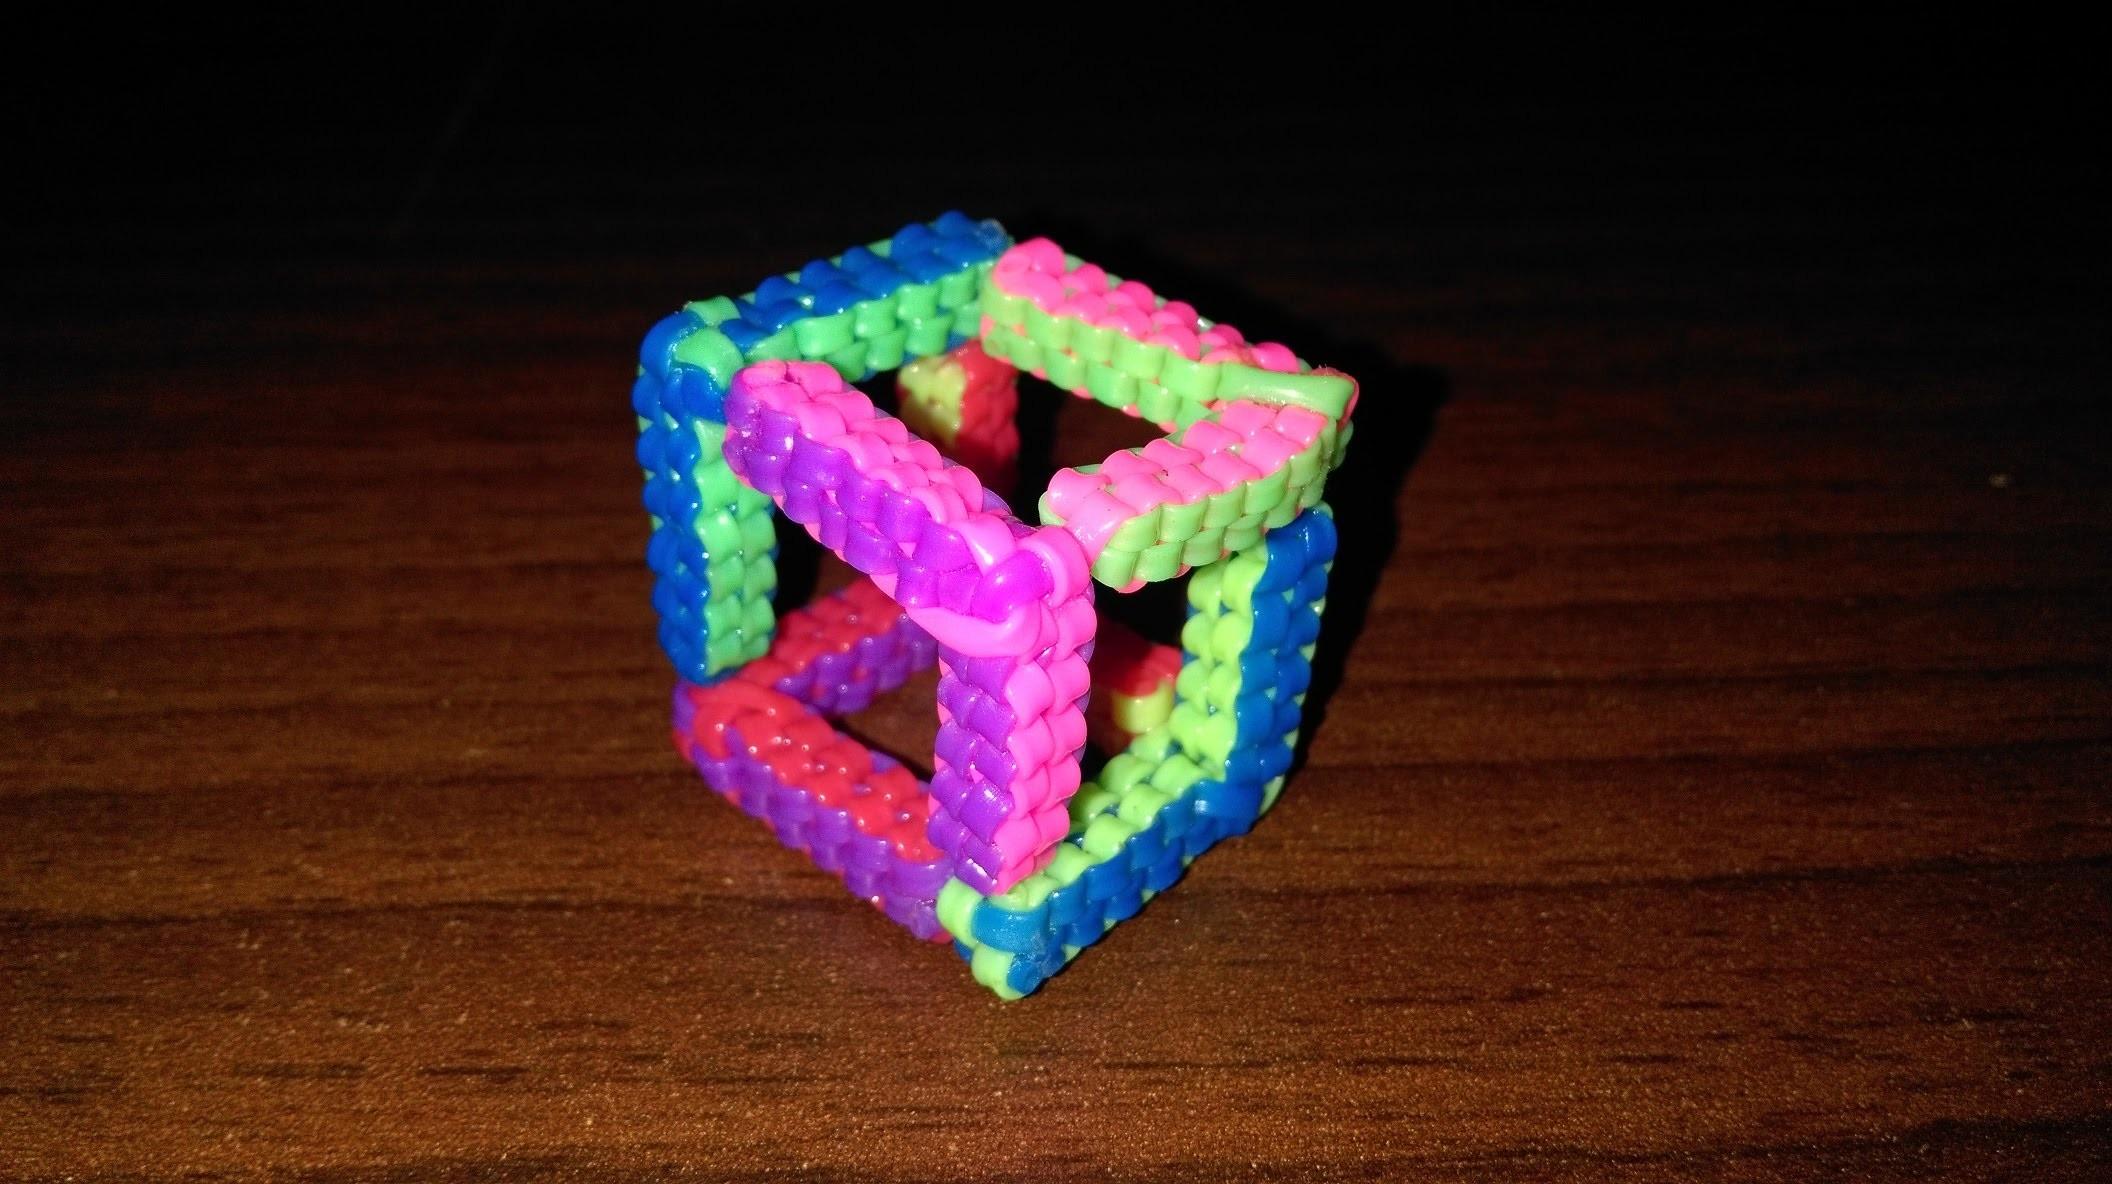 How To Make Cube Scoobie